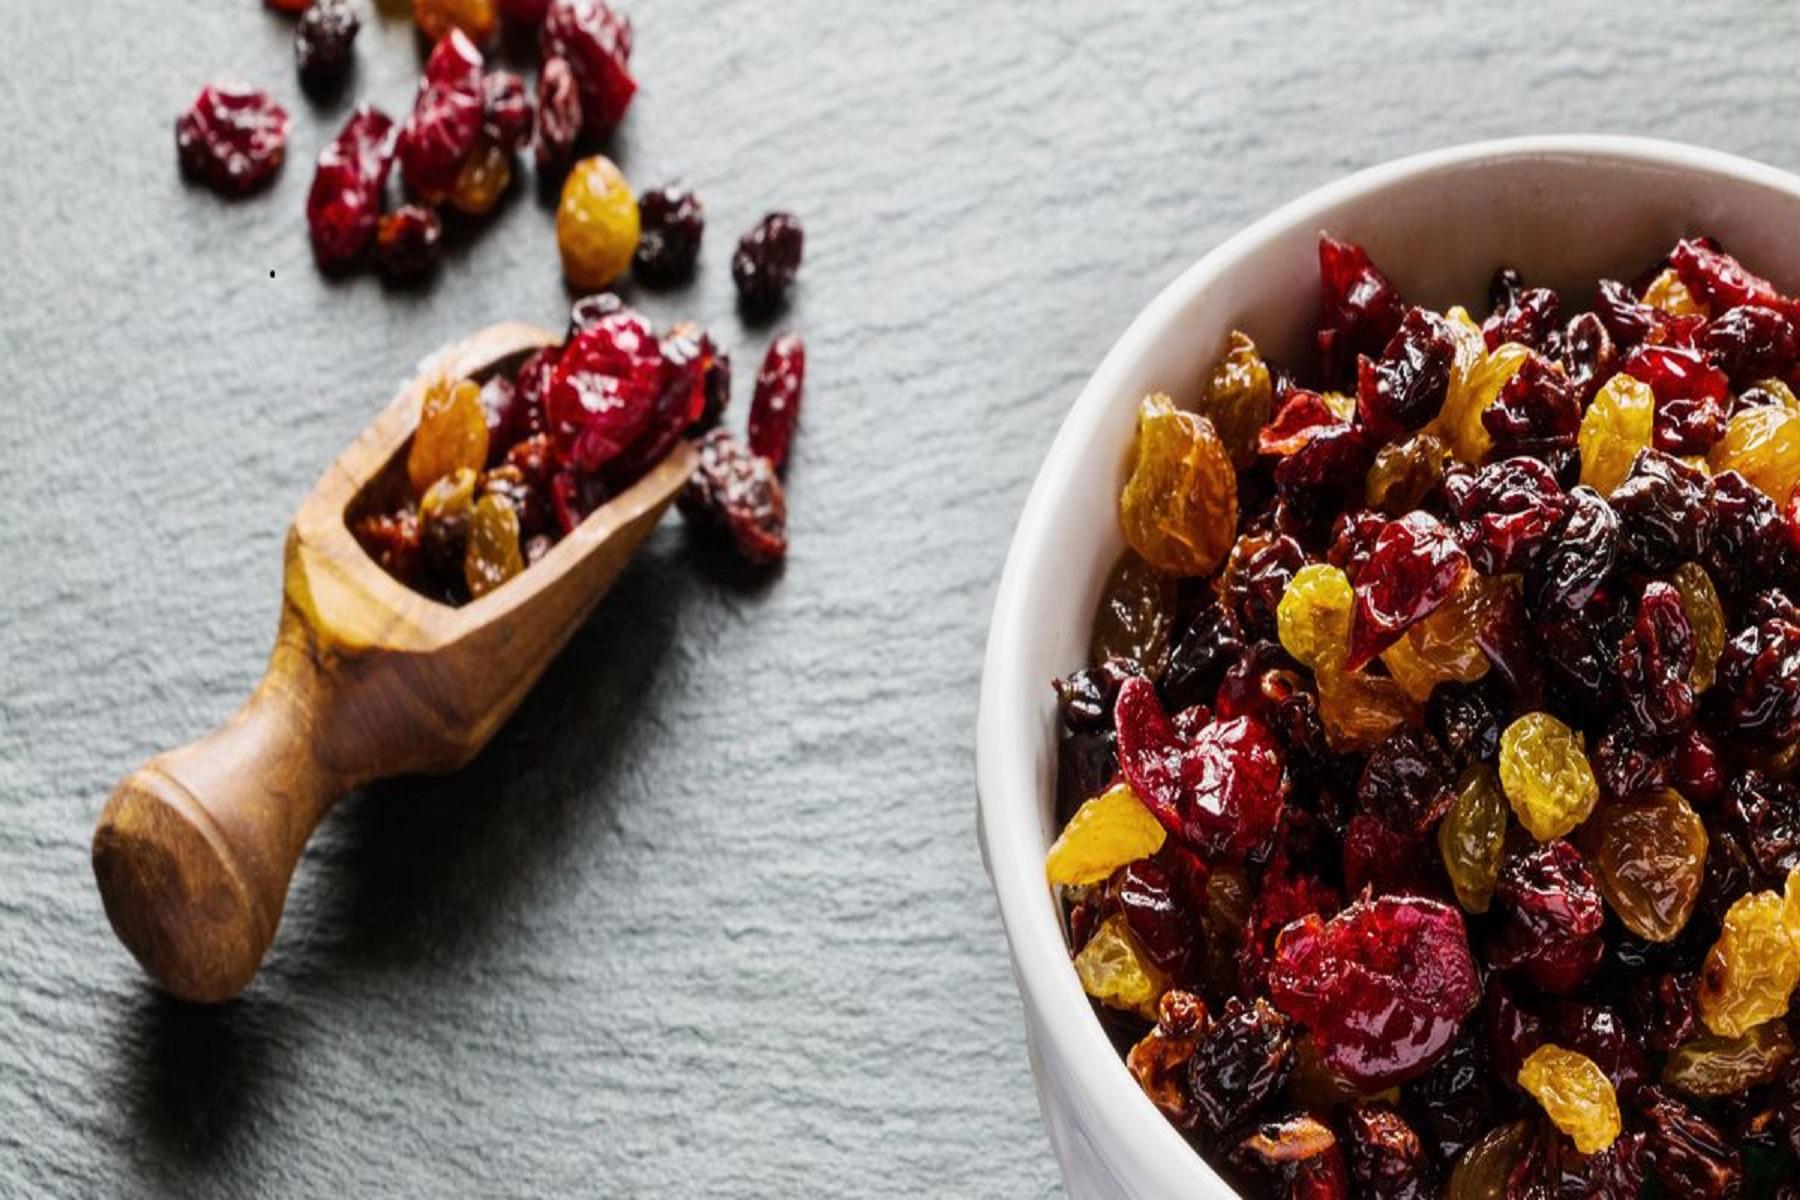 Αποξηραμένα Φρούτα: Ένα υπέροχο και θρεπτικό σνακ για το γραφείο